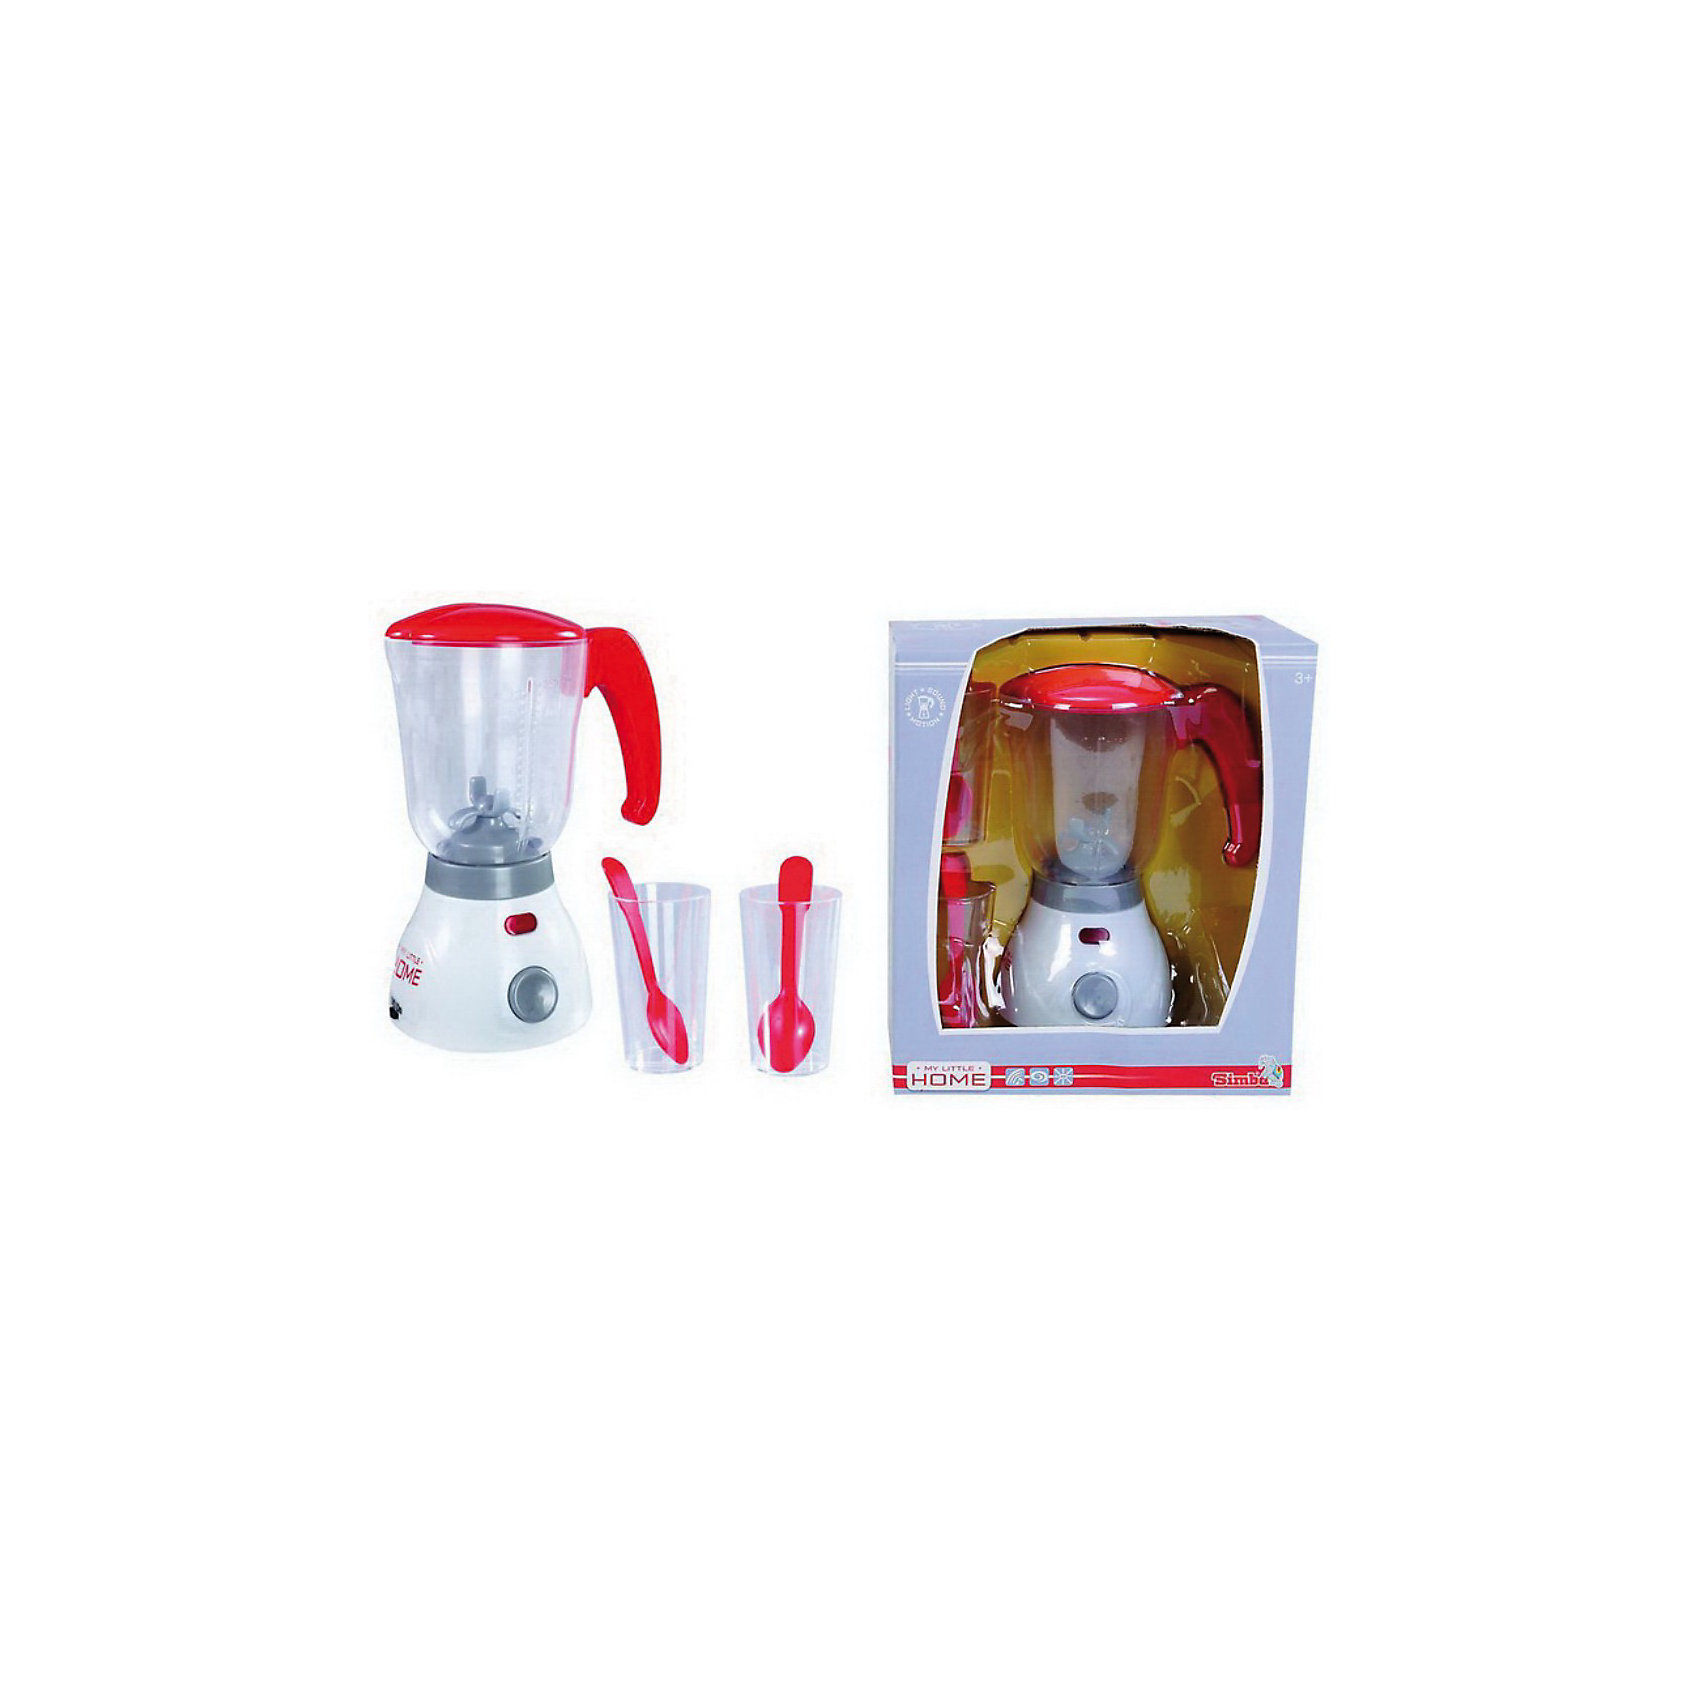 Миксер, SimbaИгрушечная бытовая техника<br>Необходимая вещь на кукольной кухне маленькой хозяйки. Теперь готовить обед для куклы станет еще увлекательнее, ведь с ним можно приготовить много новых блюд, а маленькая хозяйка освоит навыки работы с бытовой техникой. Работа миксера сопровождается звуковыми и световыми эффектами: при нажатии кнопки лопасти в миксере начинают вращаться и прибор издает звуки, имитирующие работу настоящего миксера. <br>В наборе:<br>-  миксер,<br>-  два стакана,<br>-  две ложечки.<br><br>Дополнительная информация: <br><br>- Работает на 2-х батарейках типа R6 (АА) (в комплект не входят).<br>- Изготовлен из высококачественной пластмассы.<br>- Размер: 20 см. <br>- Размер упаковки:22х12,5х24,5 см. <br>- Вес: 0,500 кг.<br><br>Миксер, Simba можно купить в нашем интернет - магазине.<br><br>Ширина мм: 220<br>Глубина мм: 120<br>Высота мм: 240<br>Вес г: 570<br>Возраст от месяцев: 36<br>Возраст до месяцев: 96<br>Пол: Женский<br>Возраст: Детский<br>SKU: 3344674